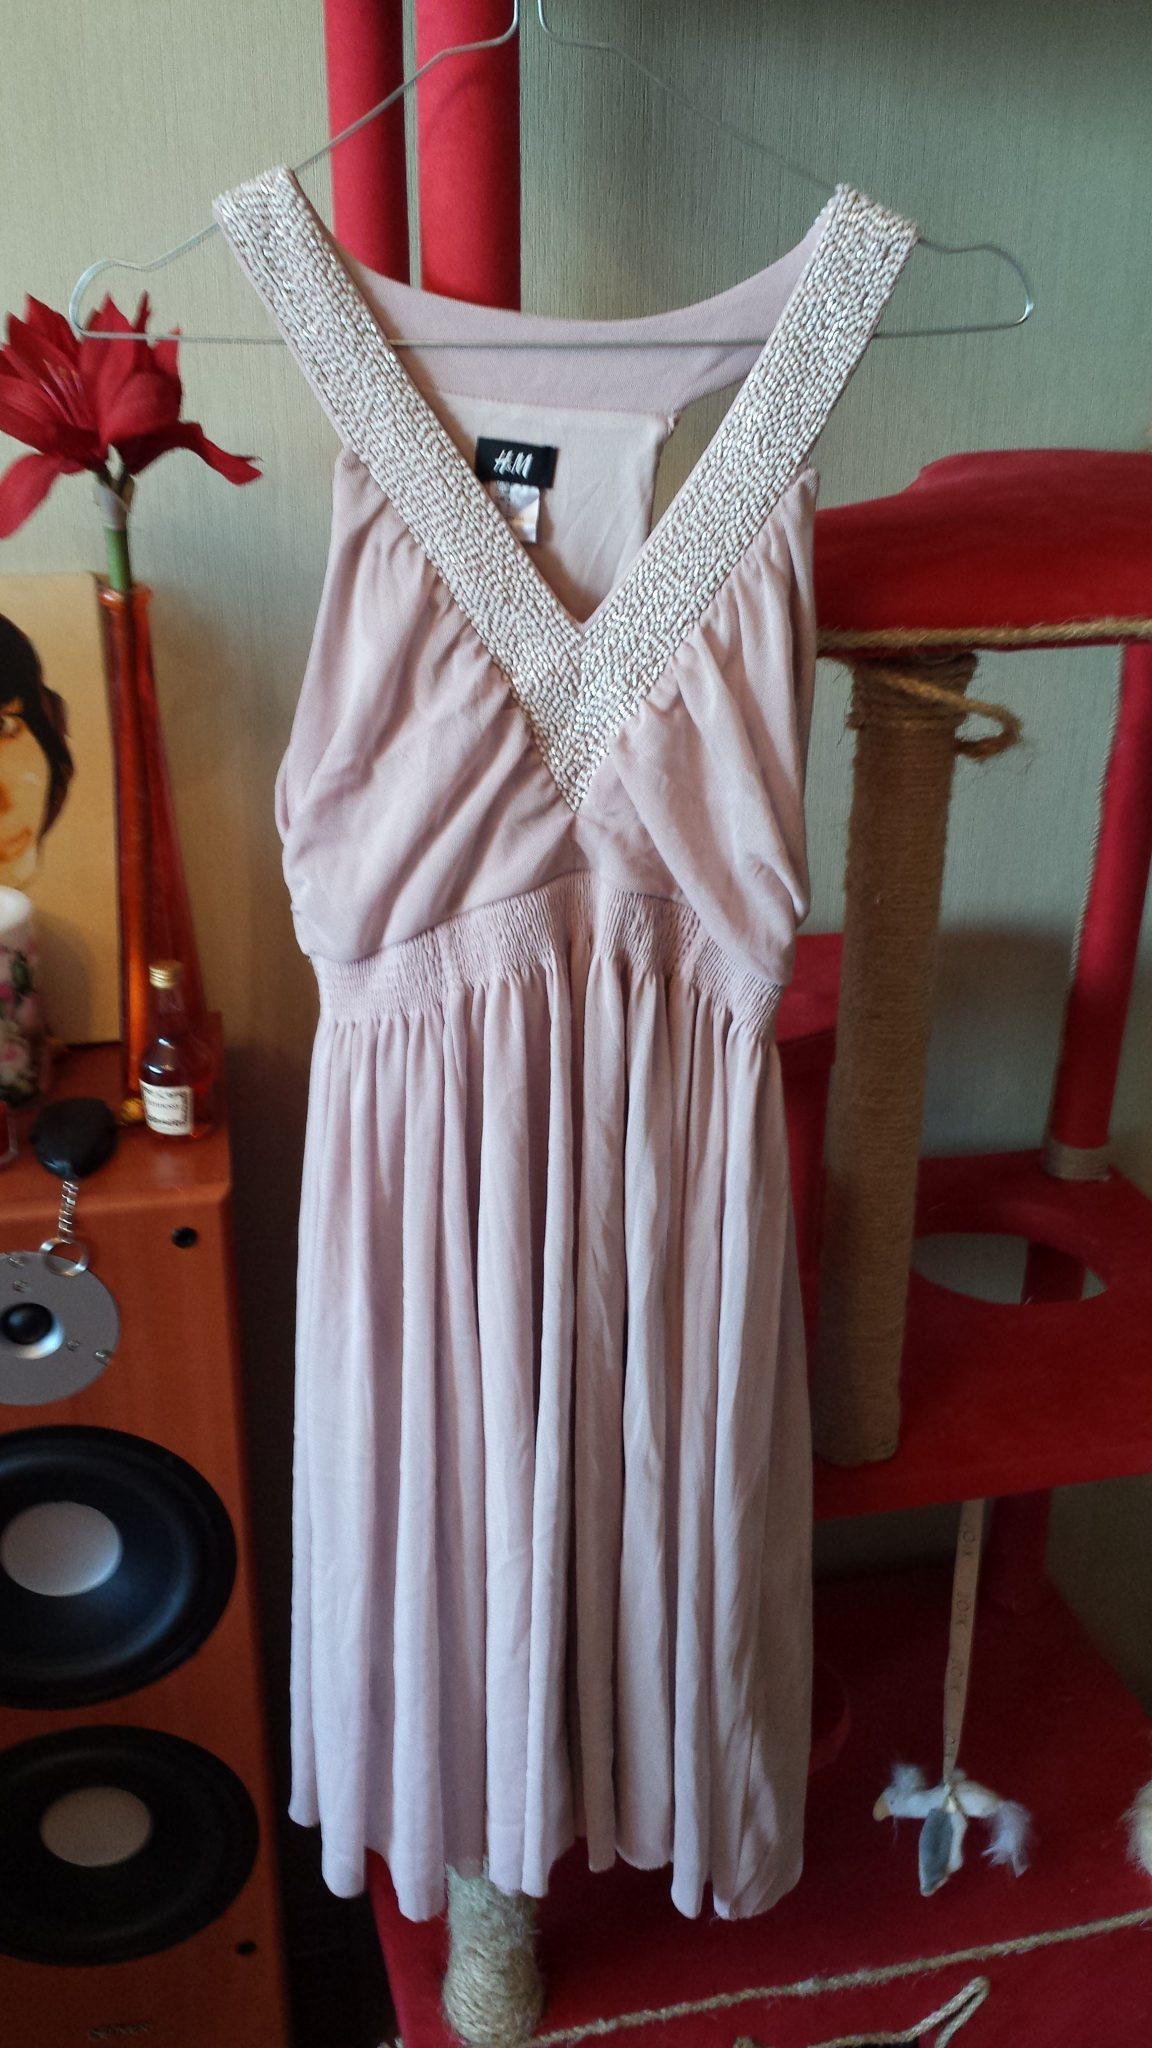 3b7d408014f Hall, pehmest matrejalist kleit, valgest pitsist ülaosaga. Pikkus u 80 cm.  Keskel kumm. Sobib kleidina või tuunikaks. Suurust sees ei ole, aga mulle  oli ...